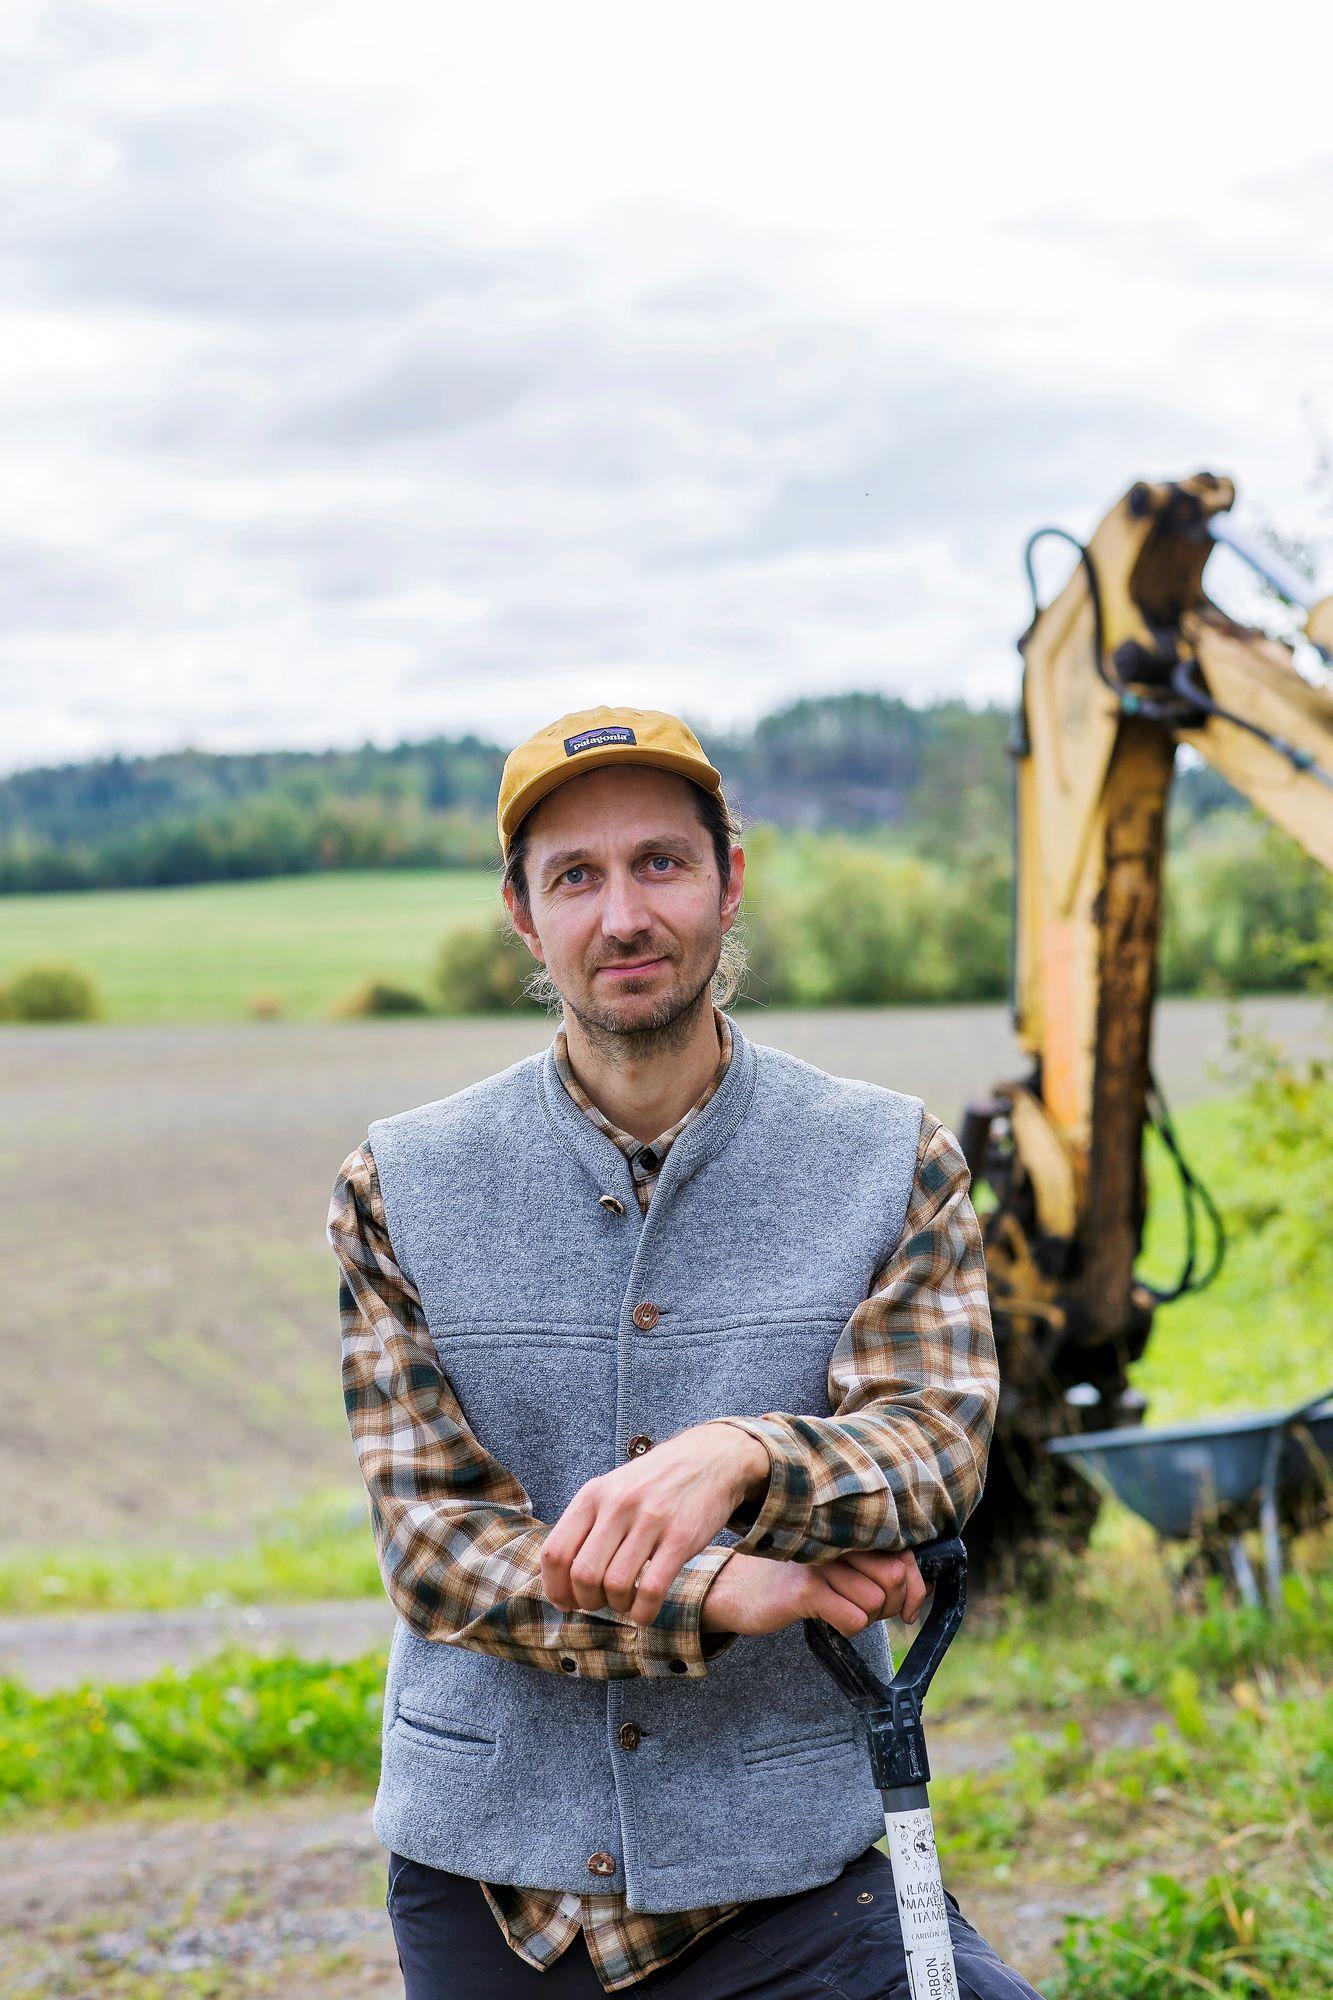 Juuso Joona on sosiaalisessa mediassa ammatistaan ylpeä maanviljelijä. Hän tekee työtään tutkijan otteella, että alalle löytyisi lisää uusia kestäviä tuotantotapoja ja vientivaltteja. © Mikko Nikkinen